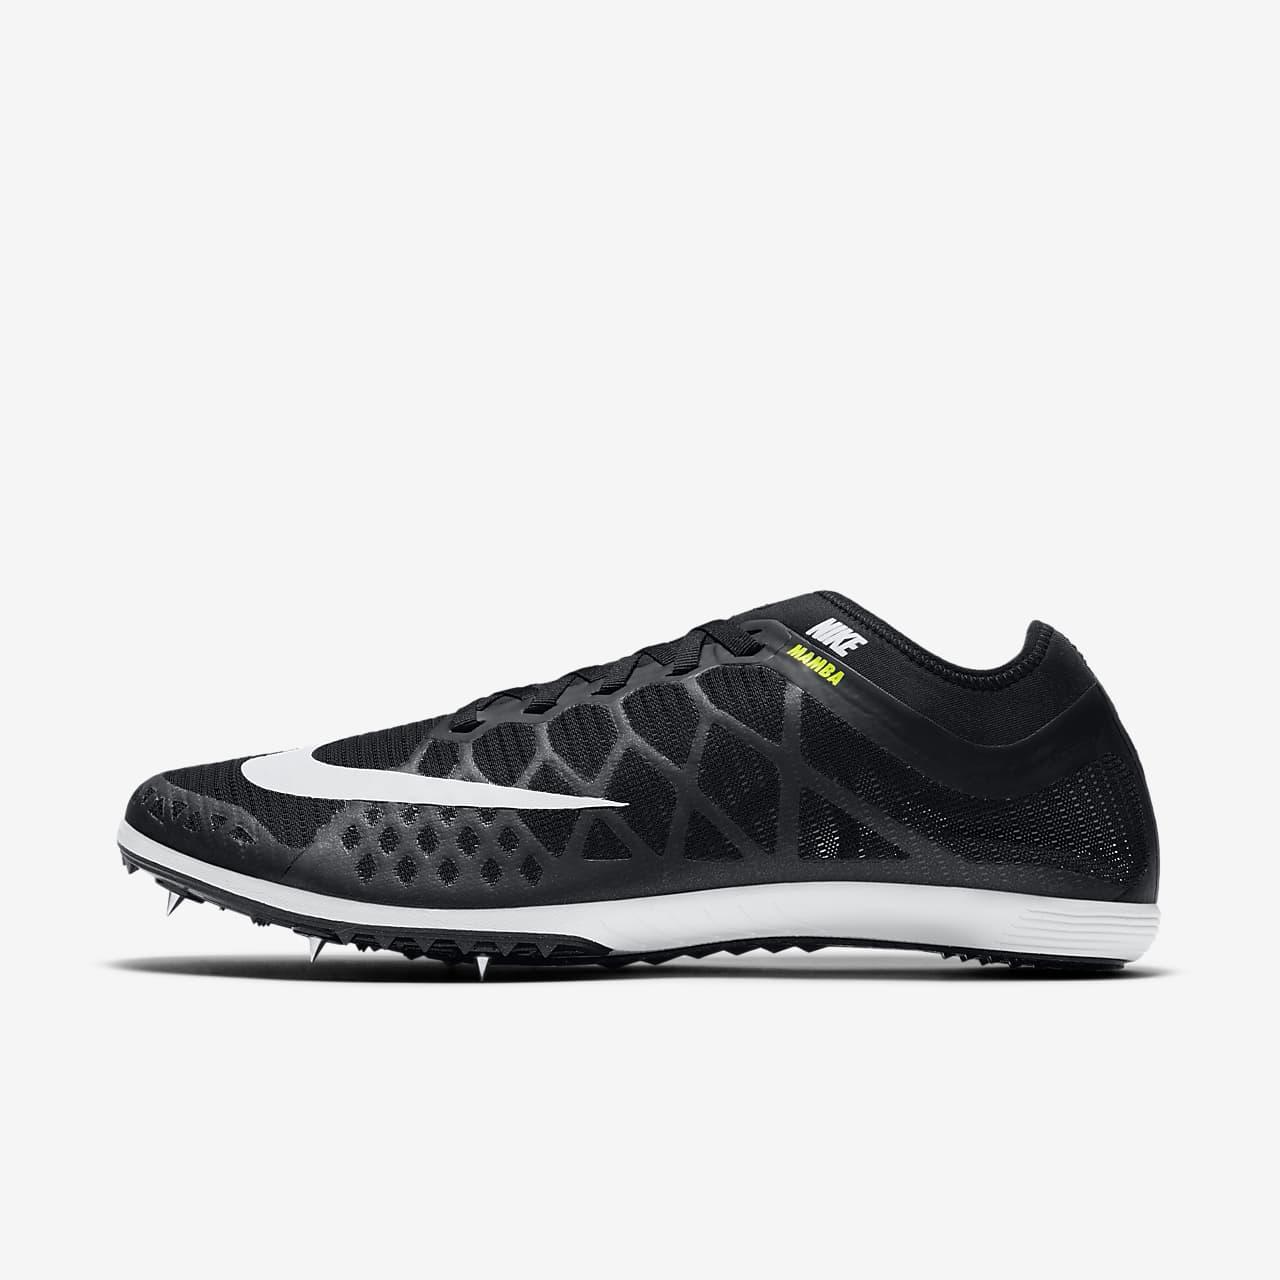 Unisex běžecká tretra na dlouhé tratě Nike Zoom Mamba 3